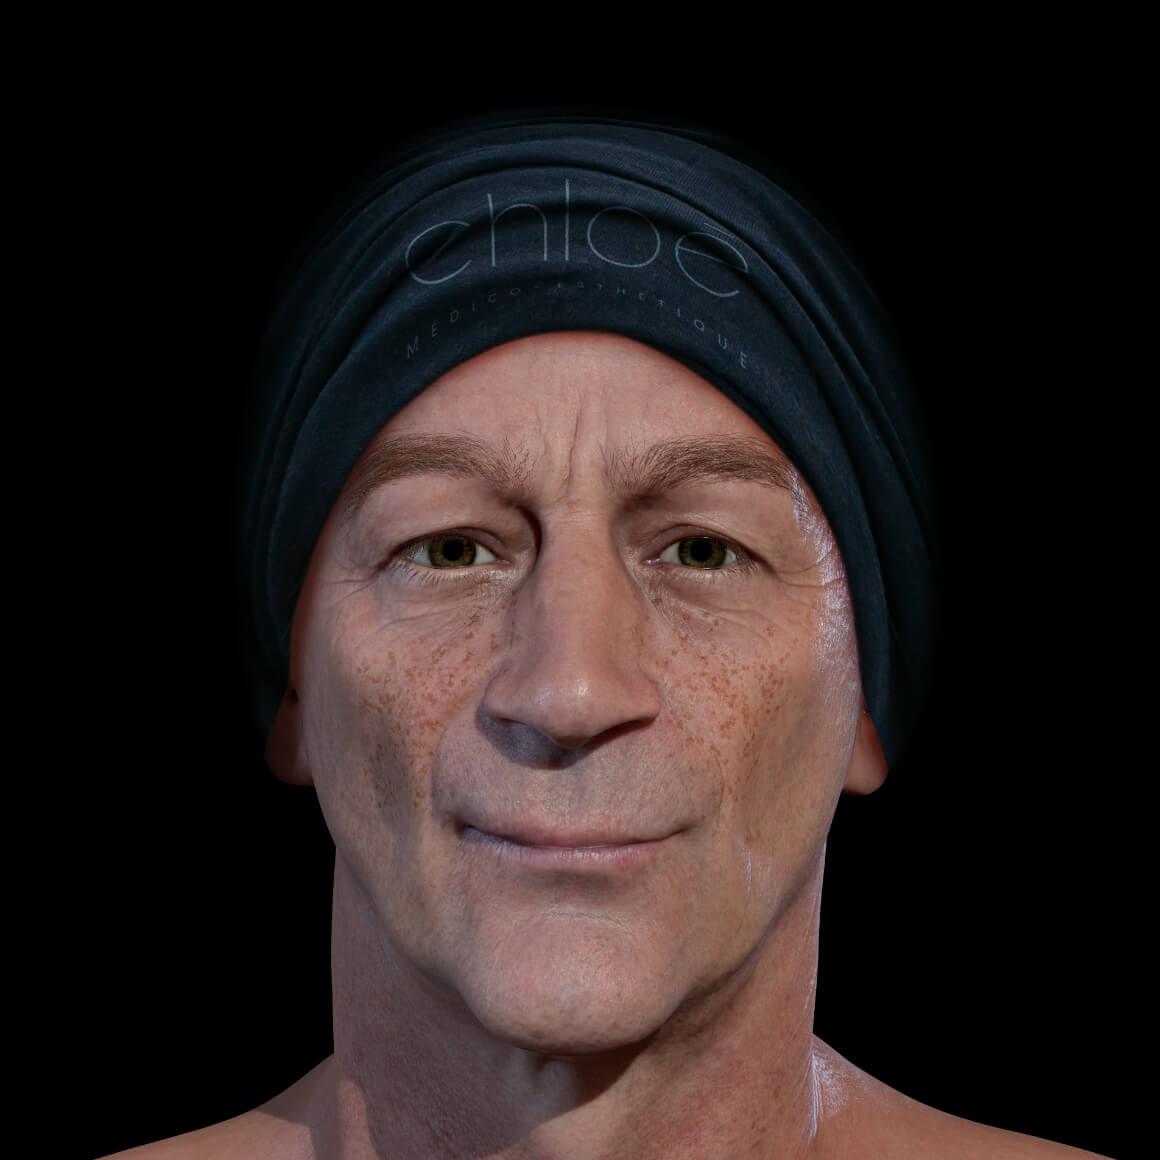 Patient de la Clinique Chloé positionné de face démontrant des taches pigmentaires sur le visage